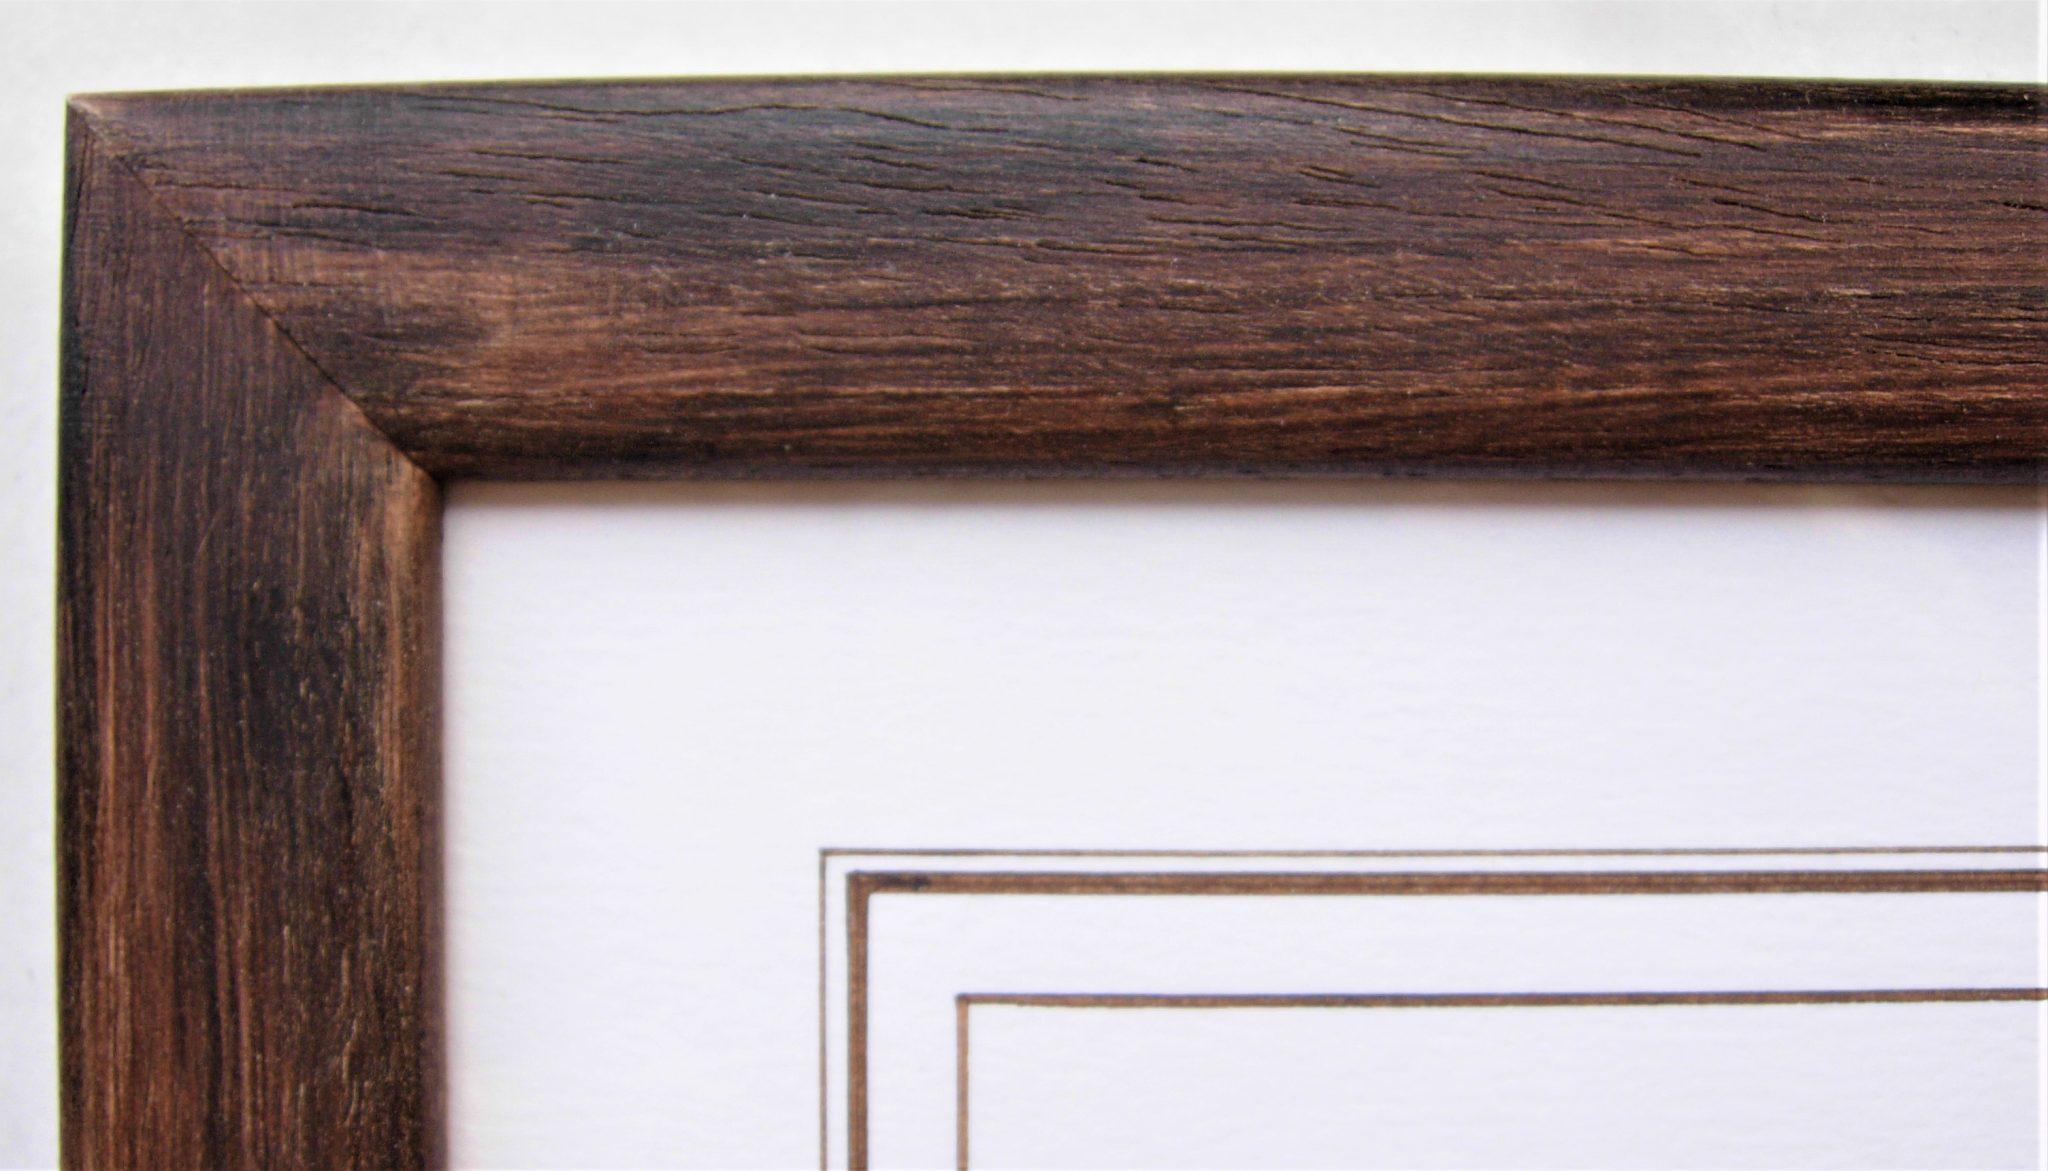 Baguette en bois brut patinée à la cire teintée avec des pigments naturels